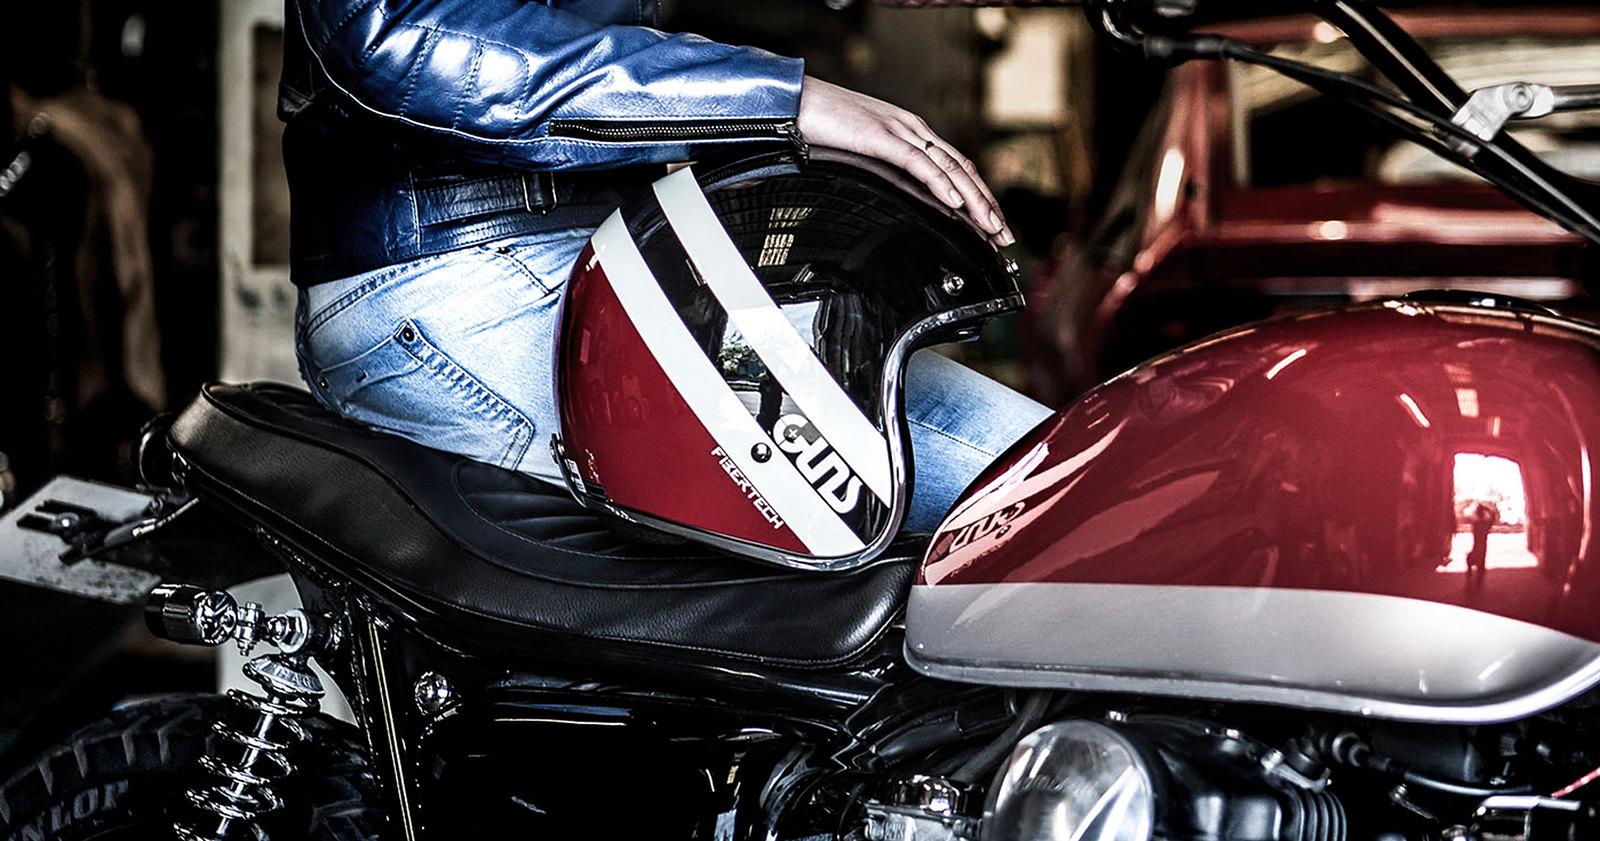 Kawasaki-W650-2000-D